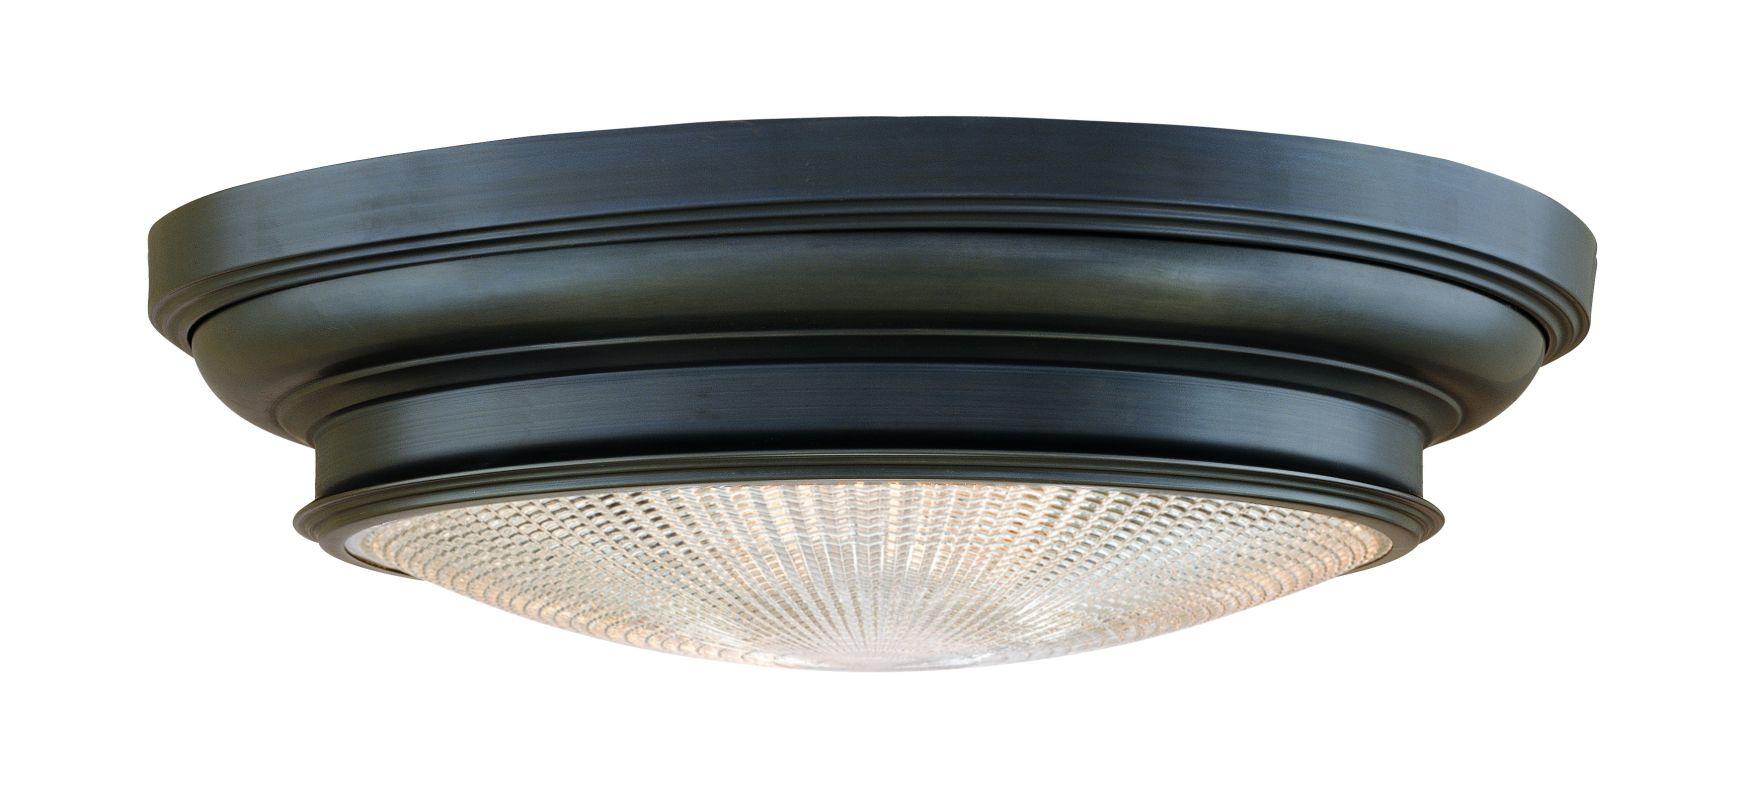 Hudson Valley Lighting 7520 Woodstock 3 Light Flush Mount Ceiling Sale $344.00 ITEM: bci982820 ID#:7520-OB UPC: 806134055769 :